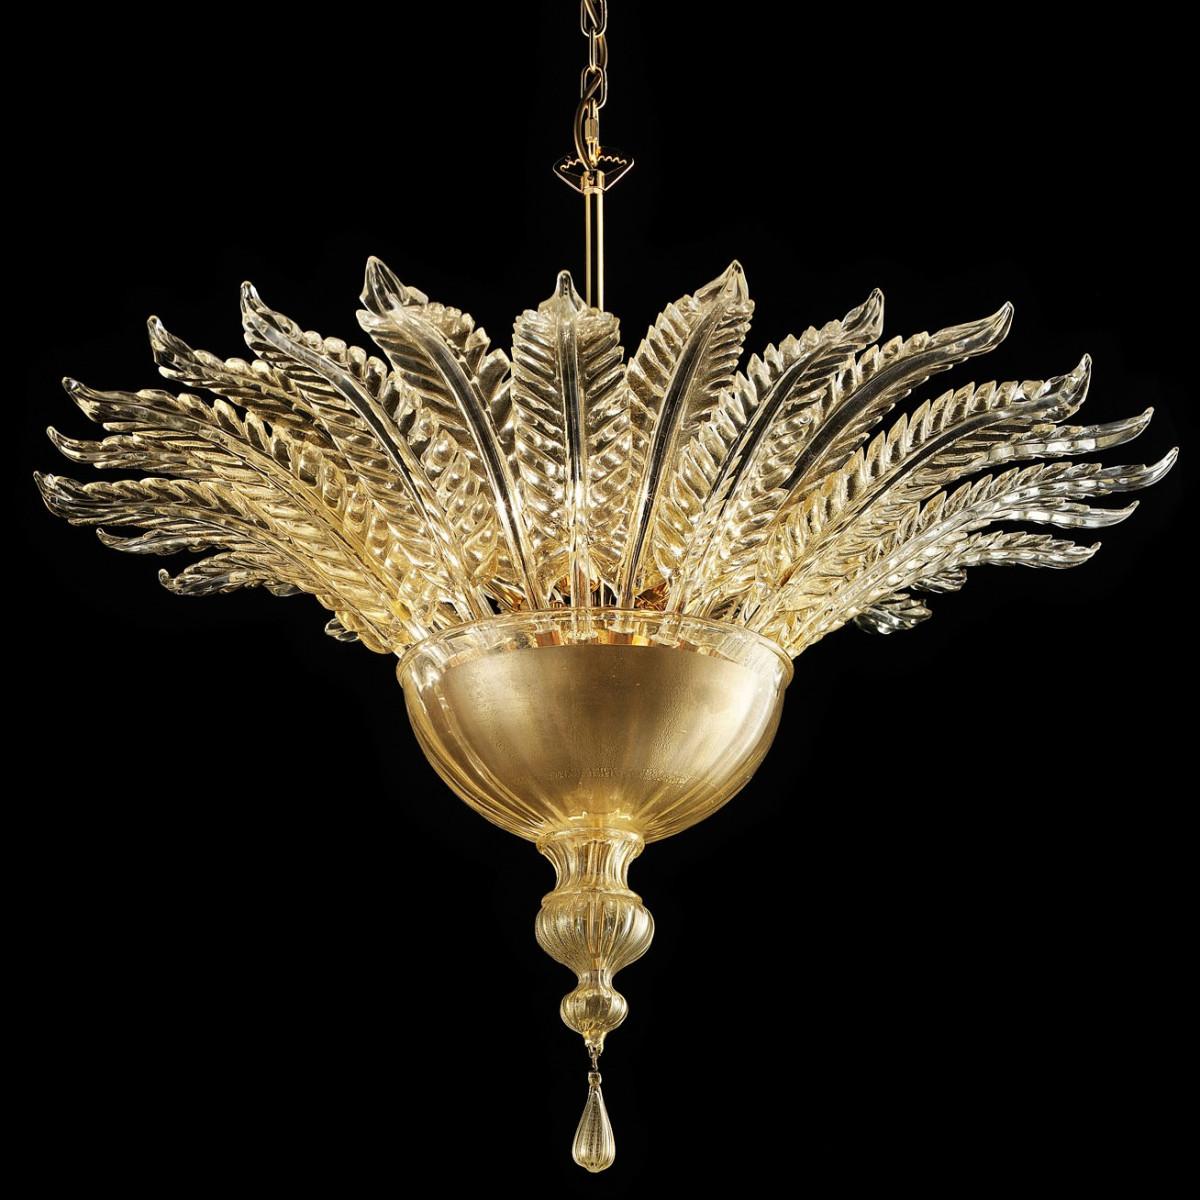 Fantastico lampara de techo de Murano - 6 luces - color oro